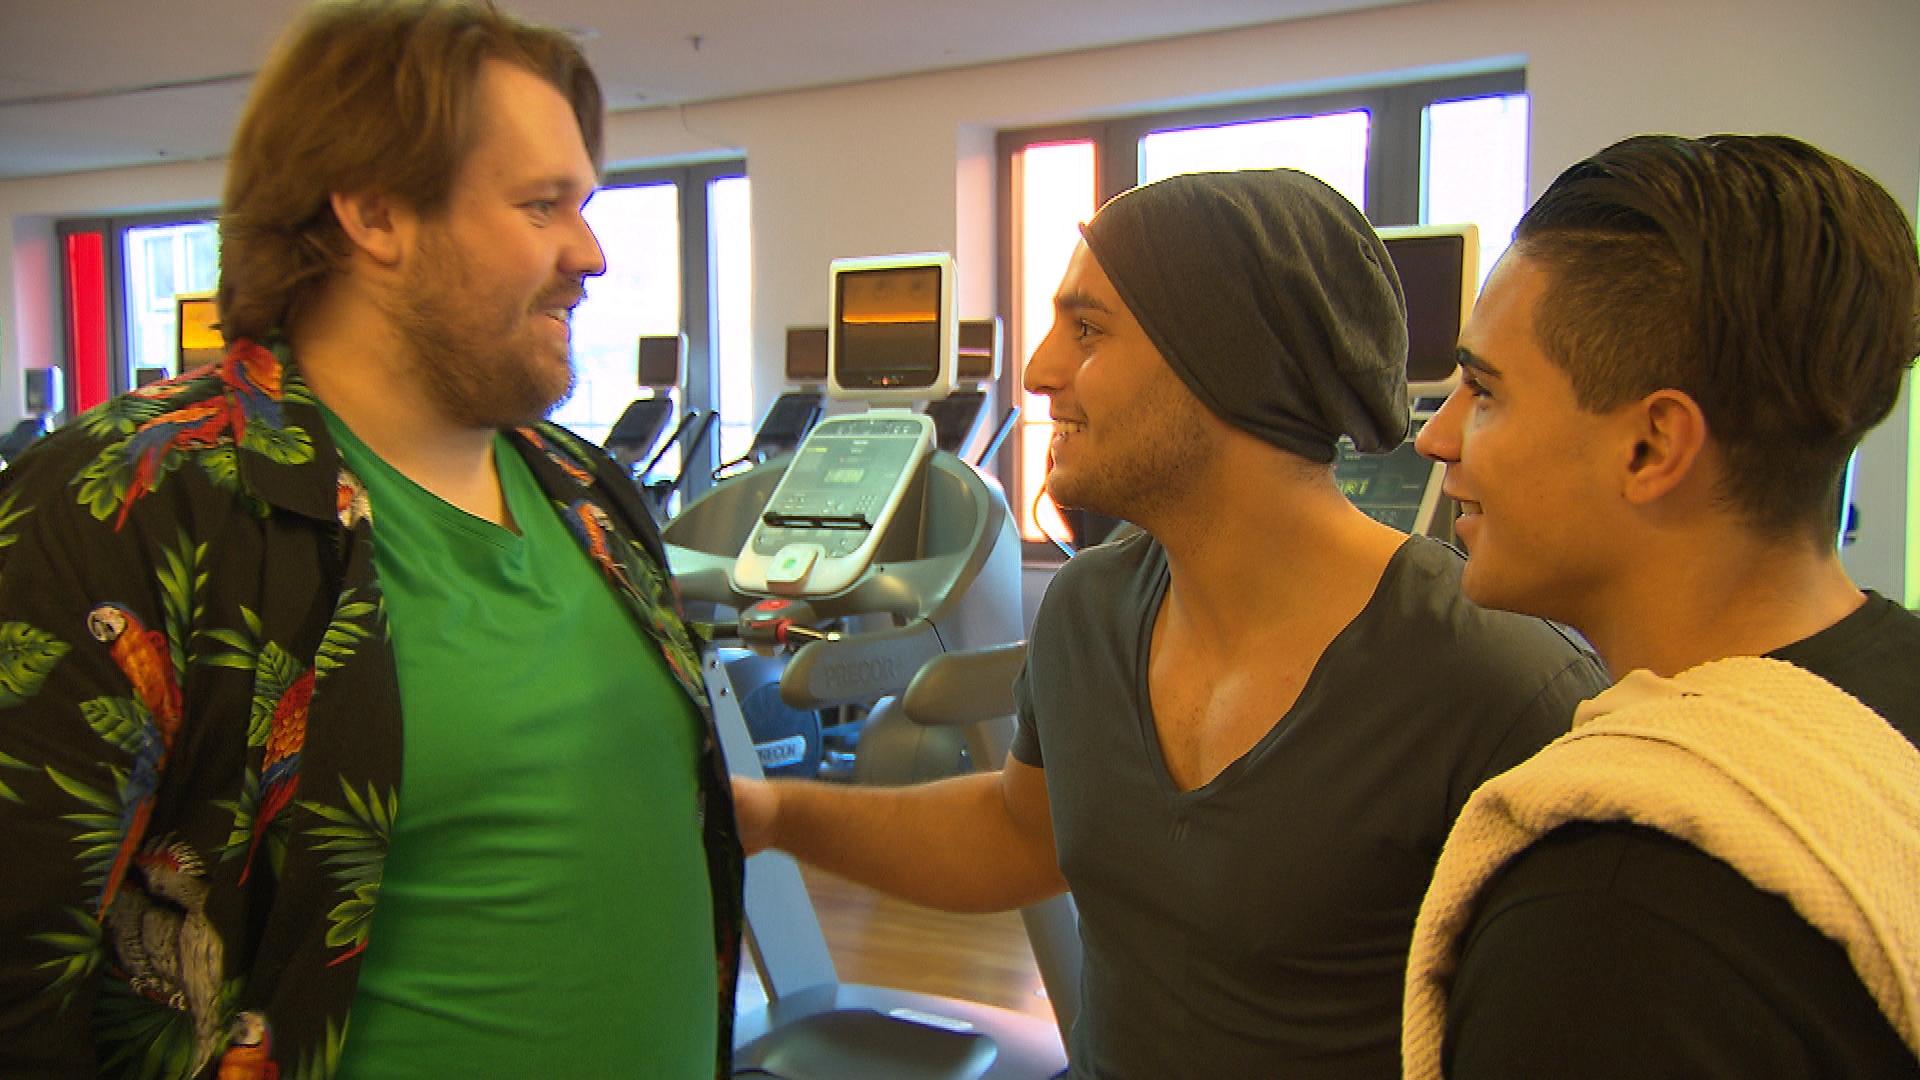 Nachdem Jan sich dank Chico mit Joleen versöhnt hat, taucht er morgens in der WG auf und schwärmt von einem weiblichen Fahrgast, den er gerade im Fitnessstudio abgeliefert hat. (Quelle: RTL 2)